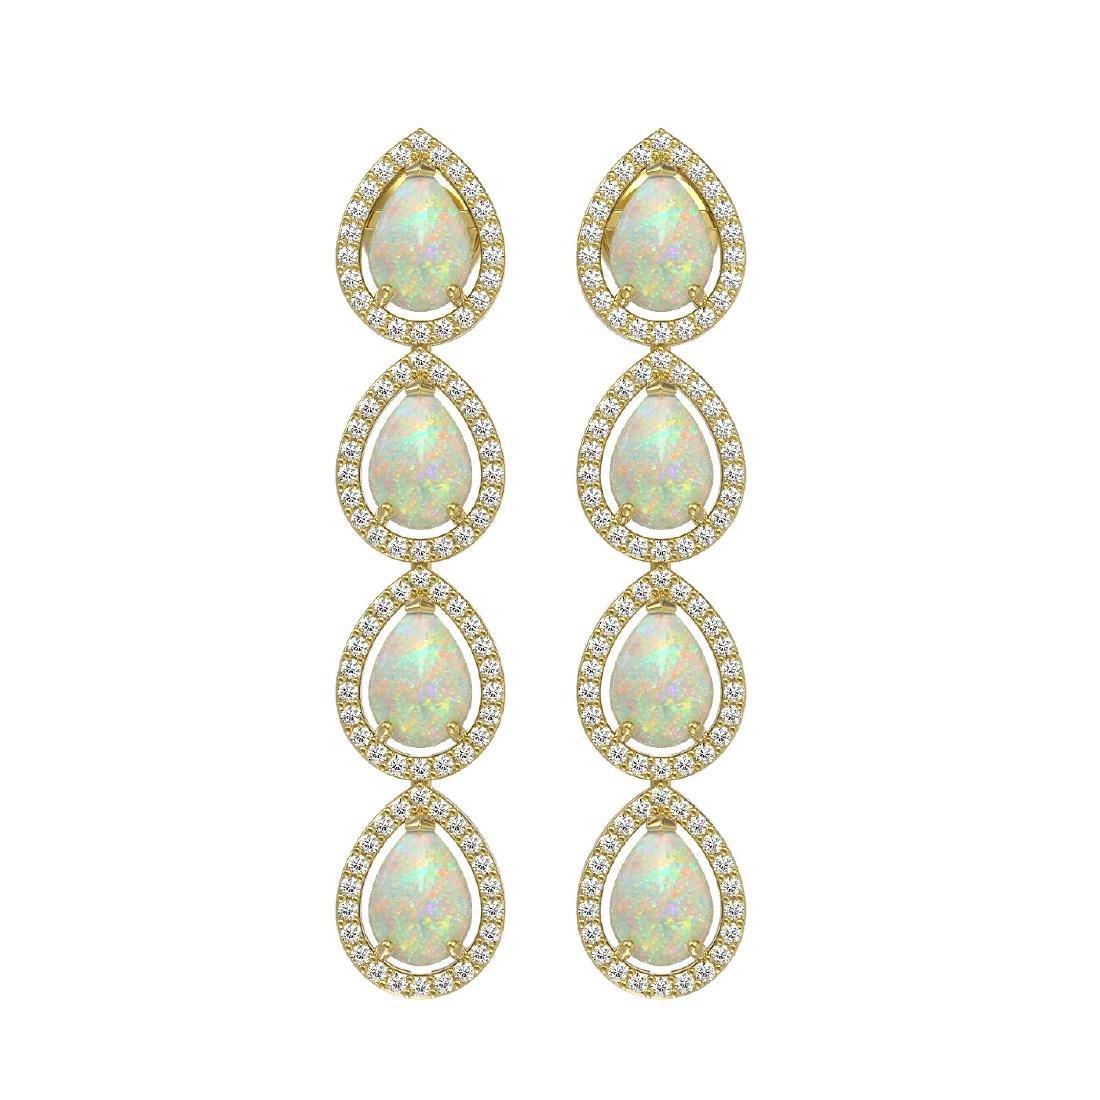 6.2 CTW Opal & Diamond Halo Earrings 10K Yellow Gold